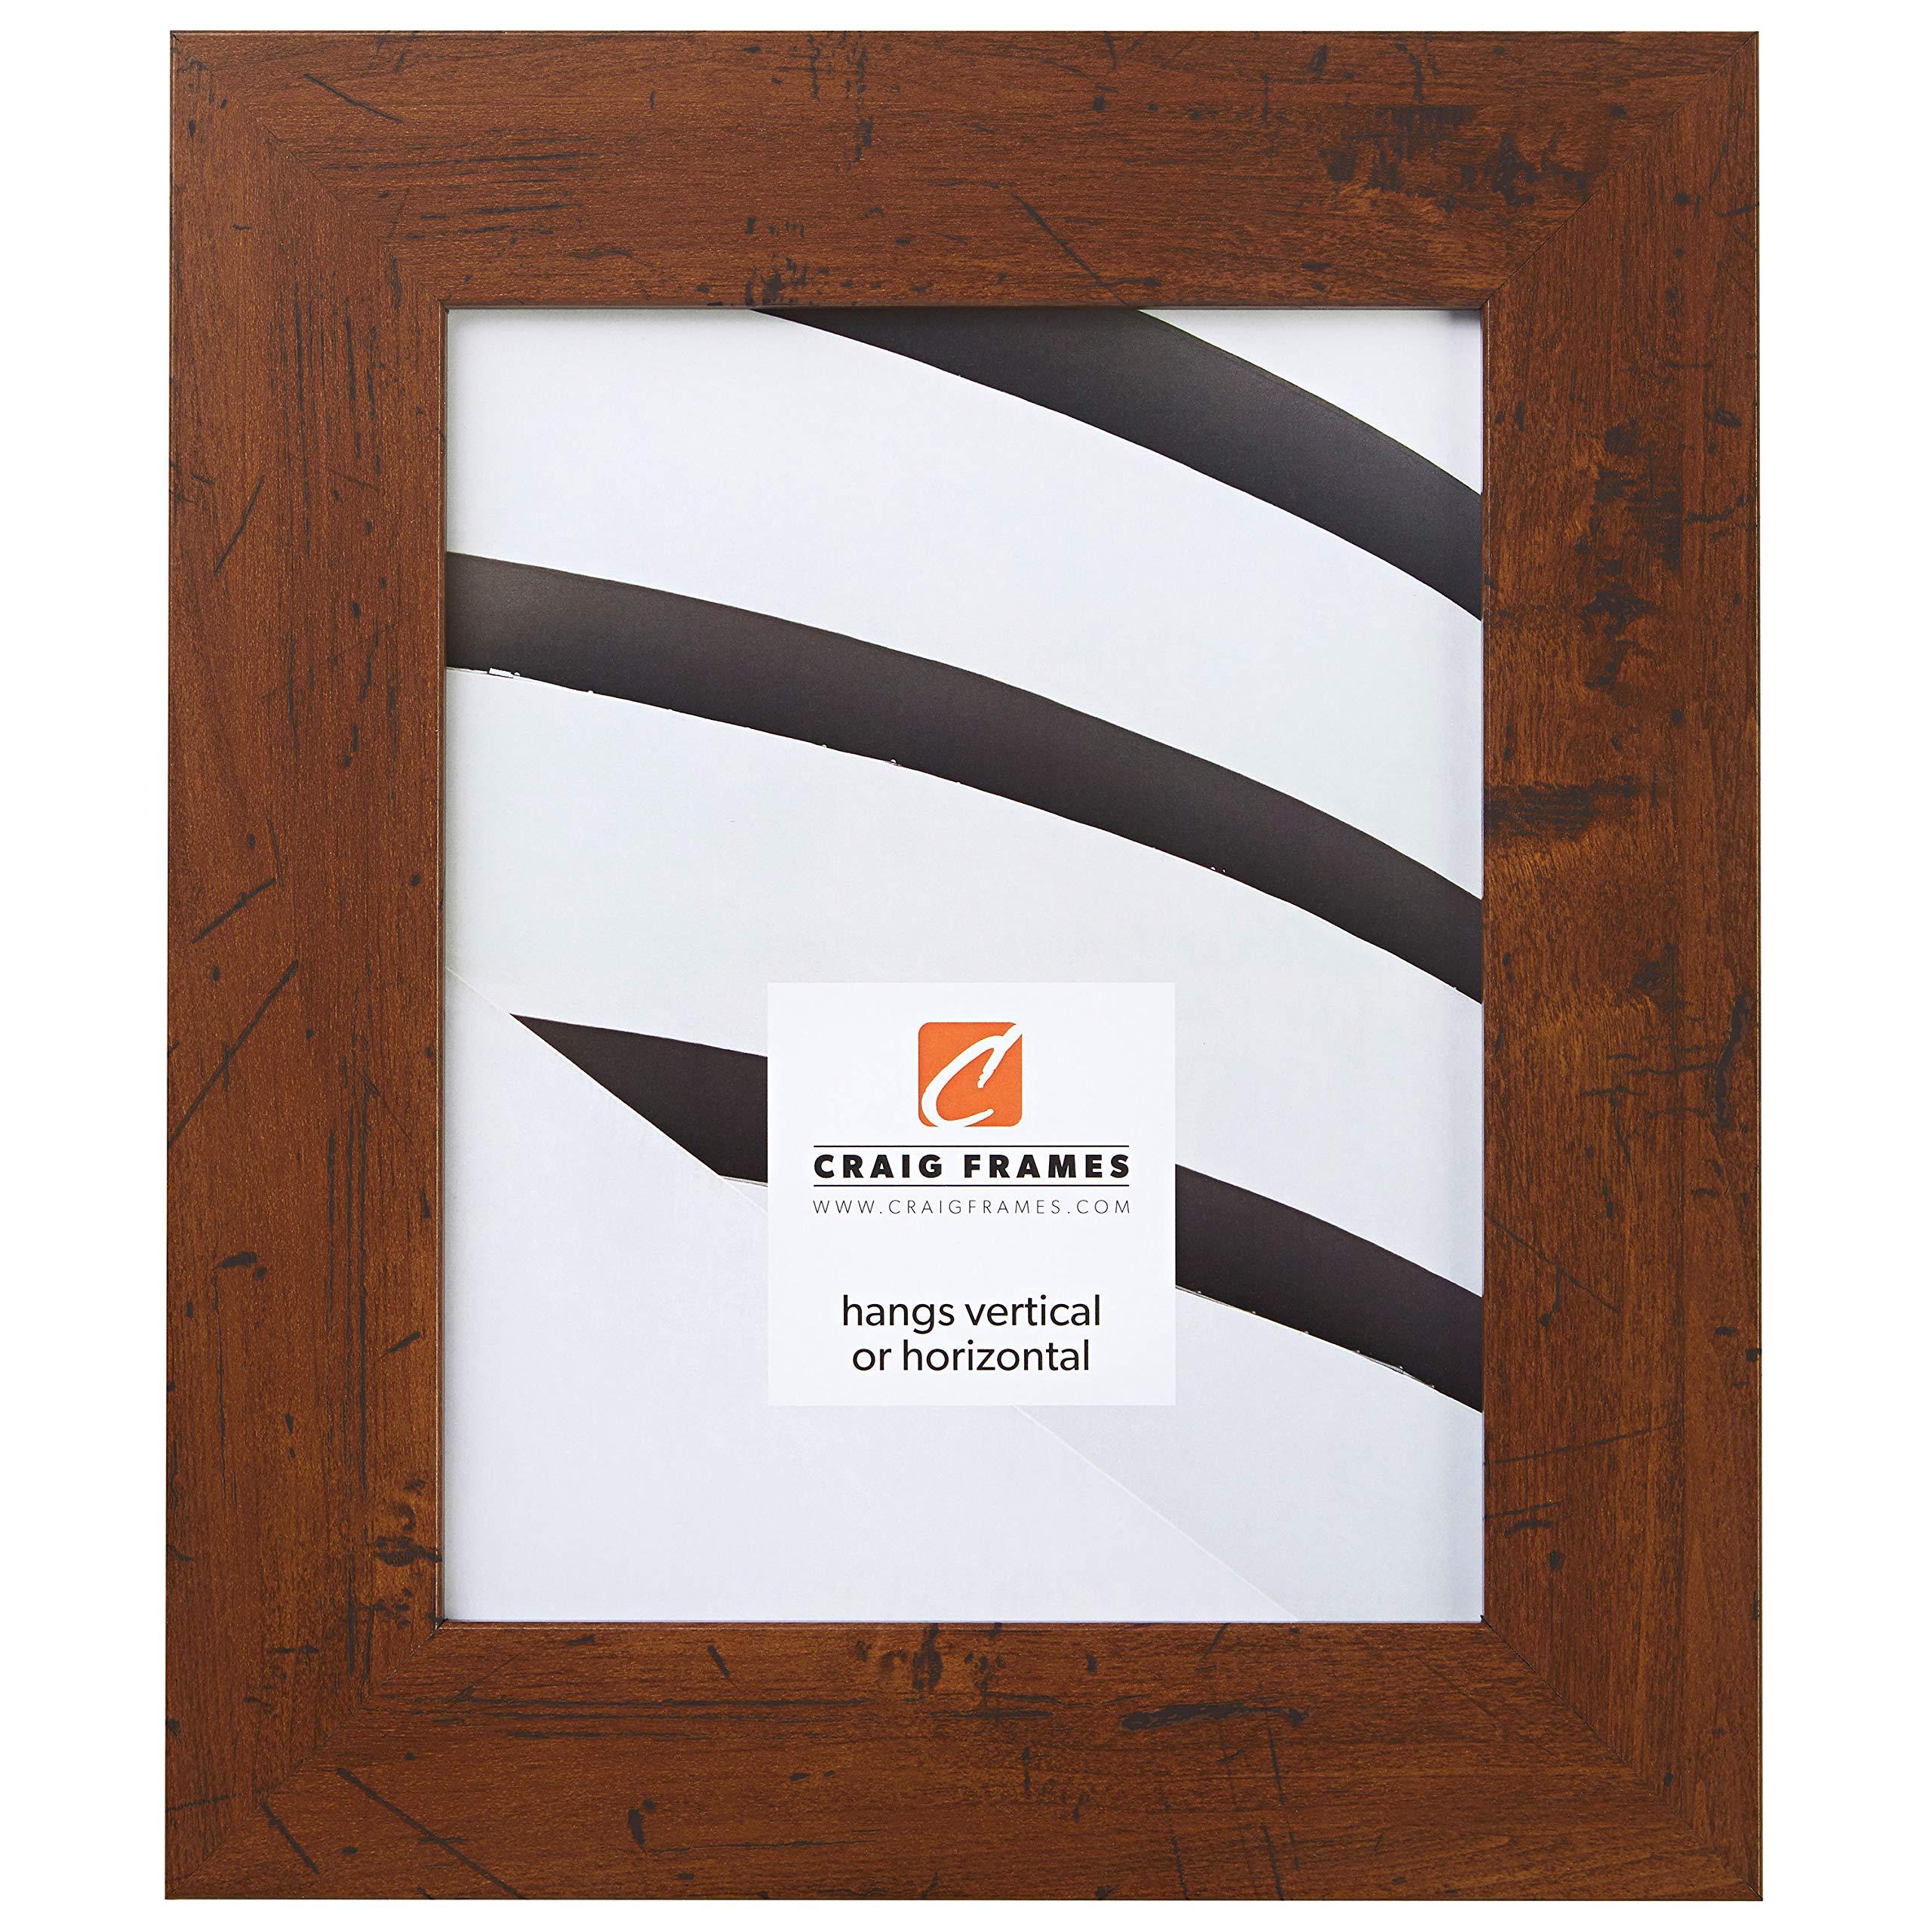 Craig Frames Bauhaus 200, Rustic Dark Walnut Brown Picture Frame, 16 by 23-Inch